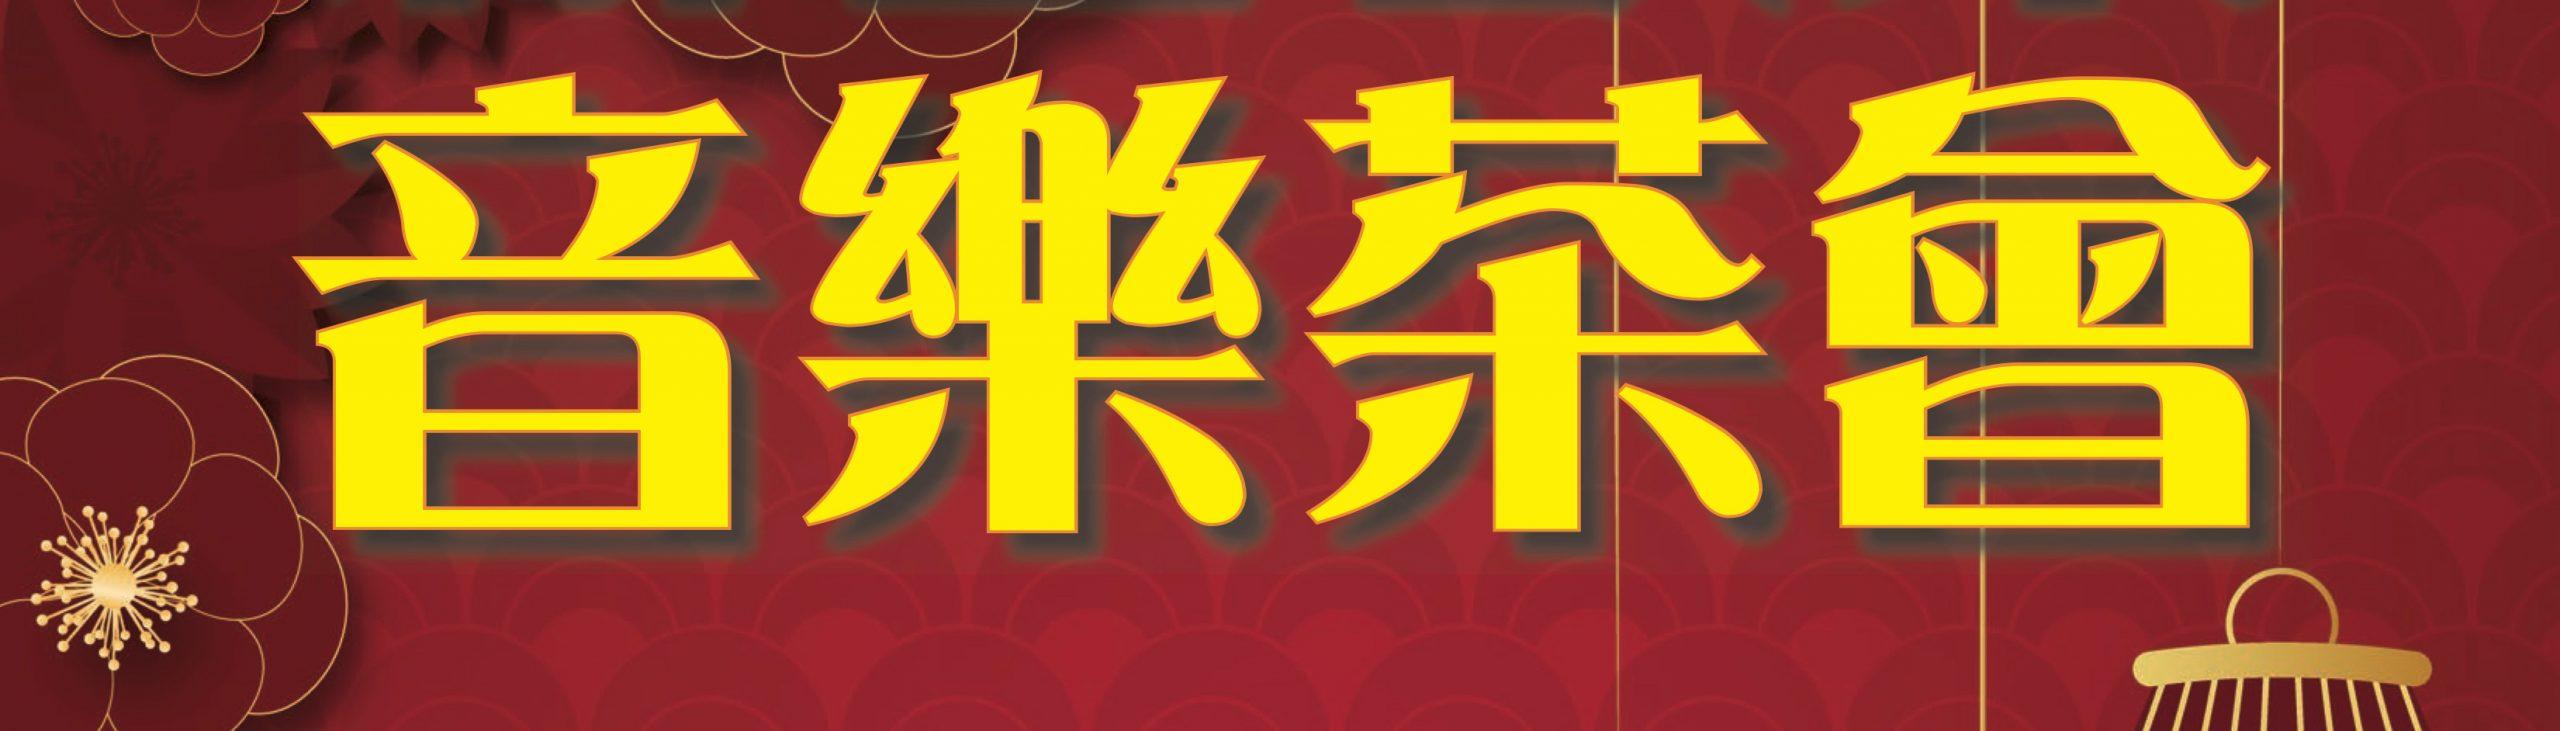 新春歡樂音樂茶會